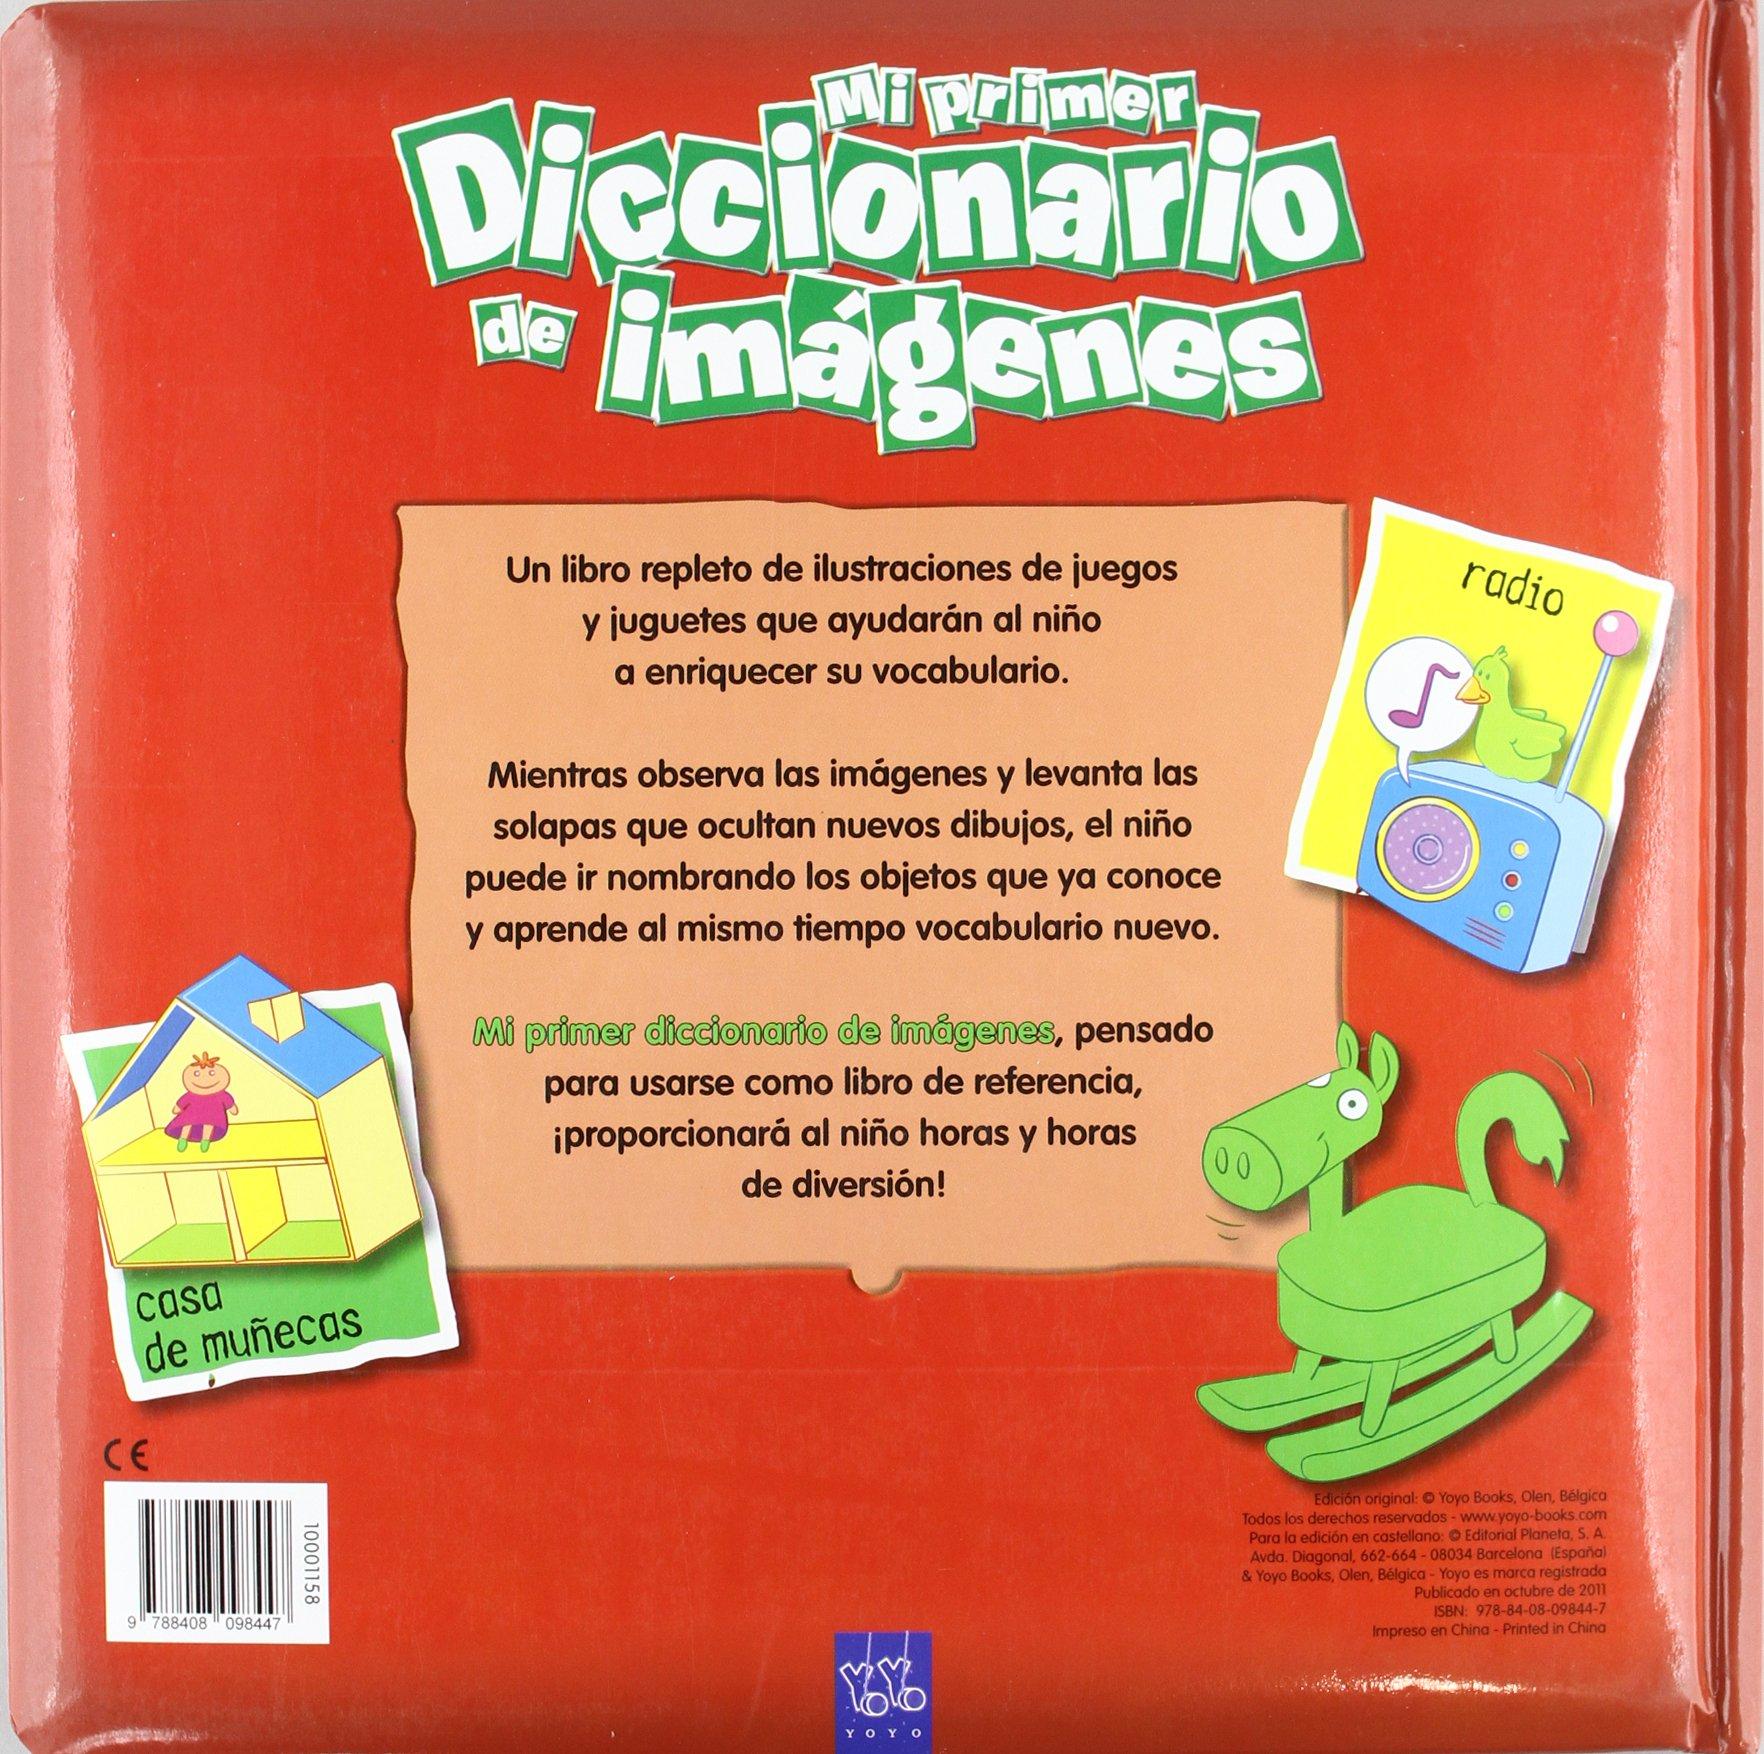 Mi primer diccionario de imágenes. ¡Me divierto!: YOYO: 9788408098447: Amazon.com: Books